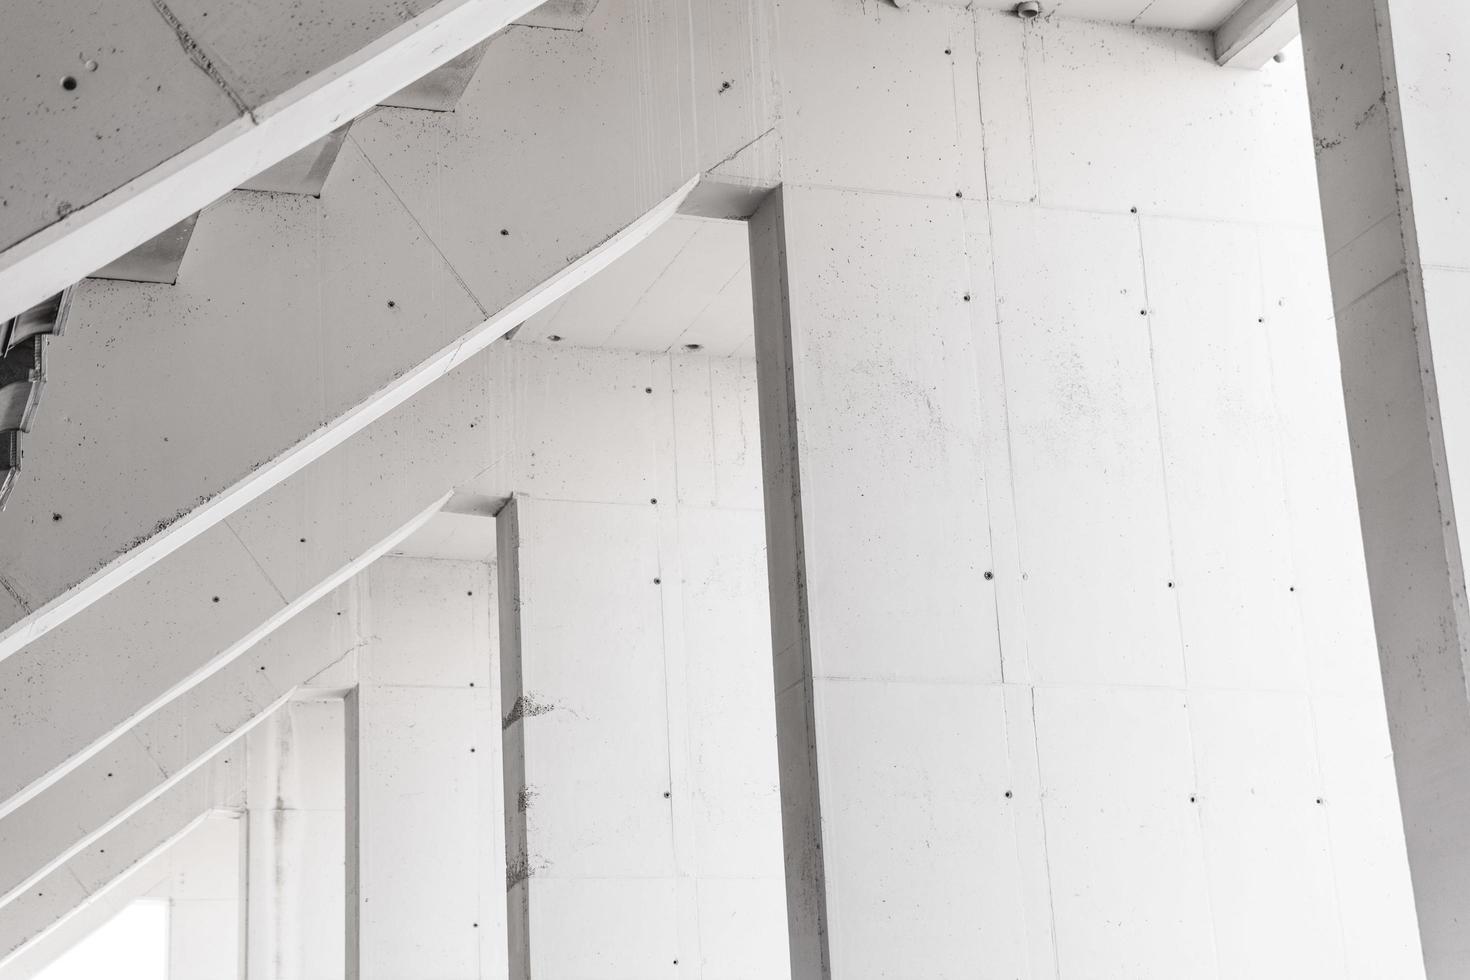 wit geschilderde muur foto